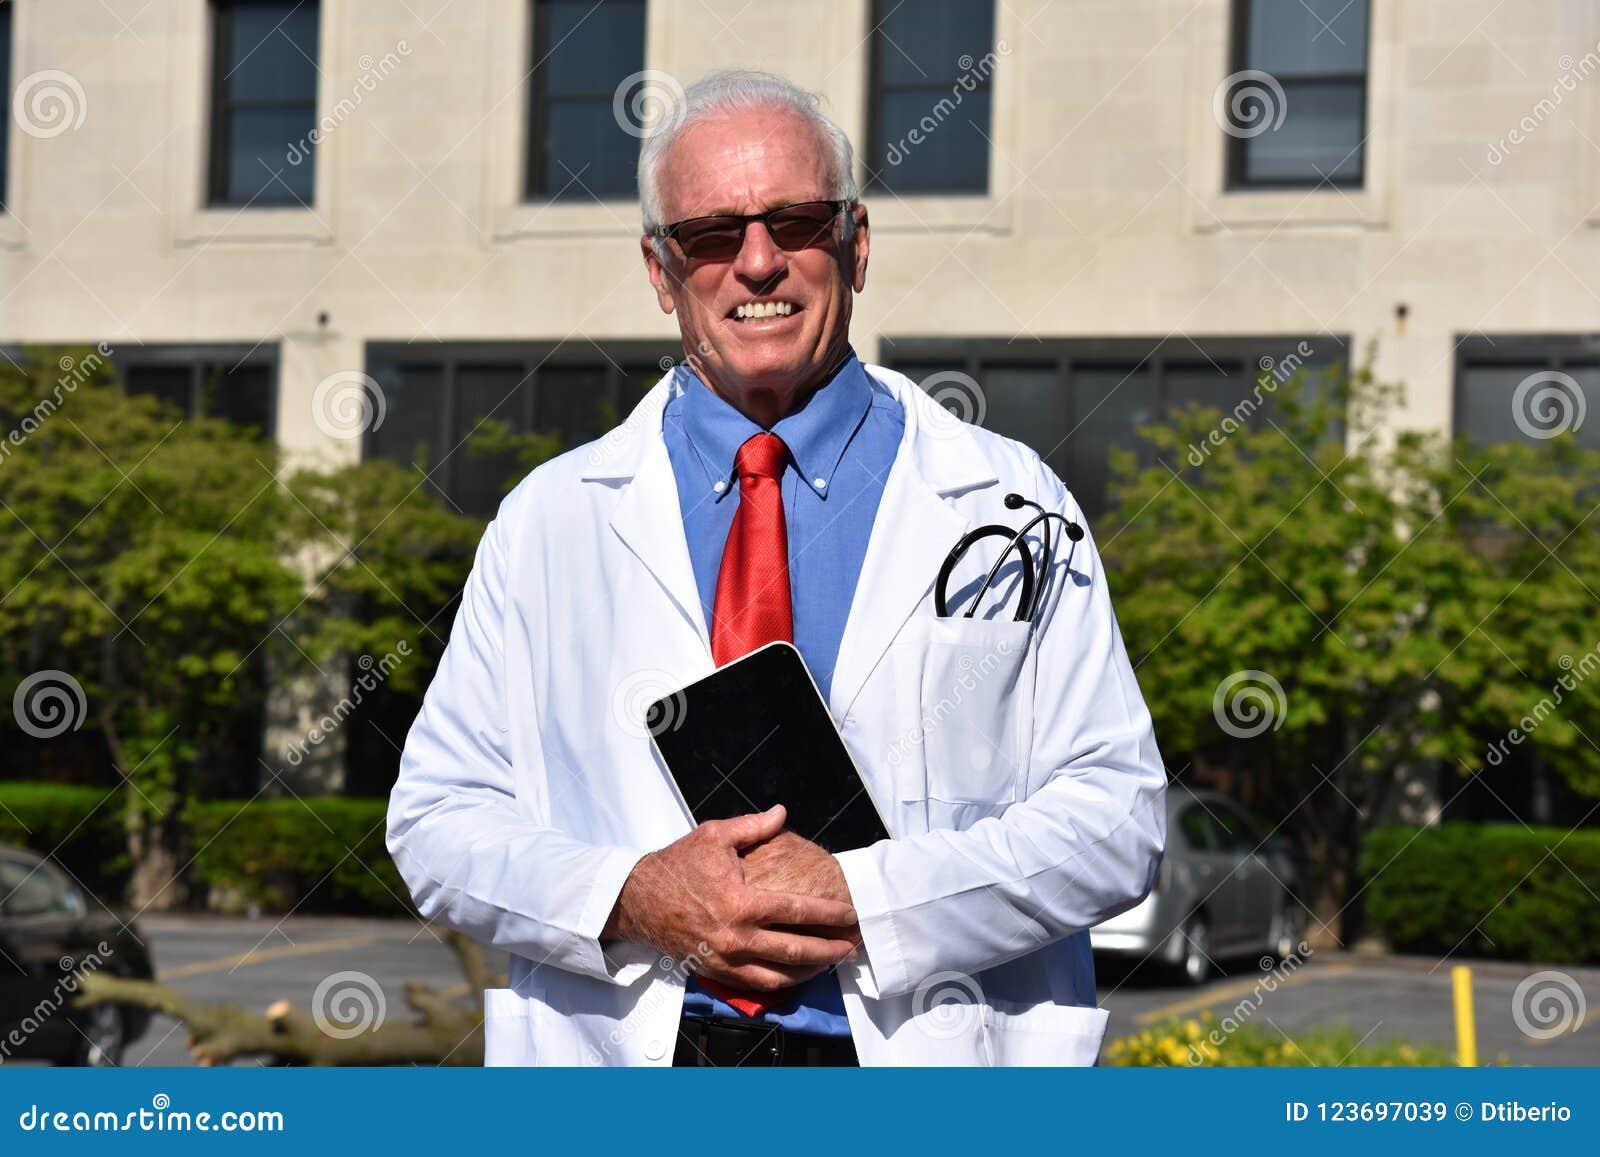 Il Dottore Maschio Bello Sorridente Wearing Lab Coat Con ...